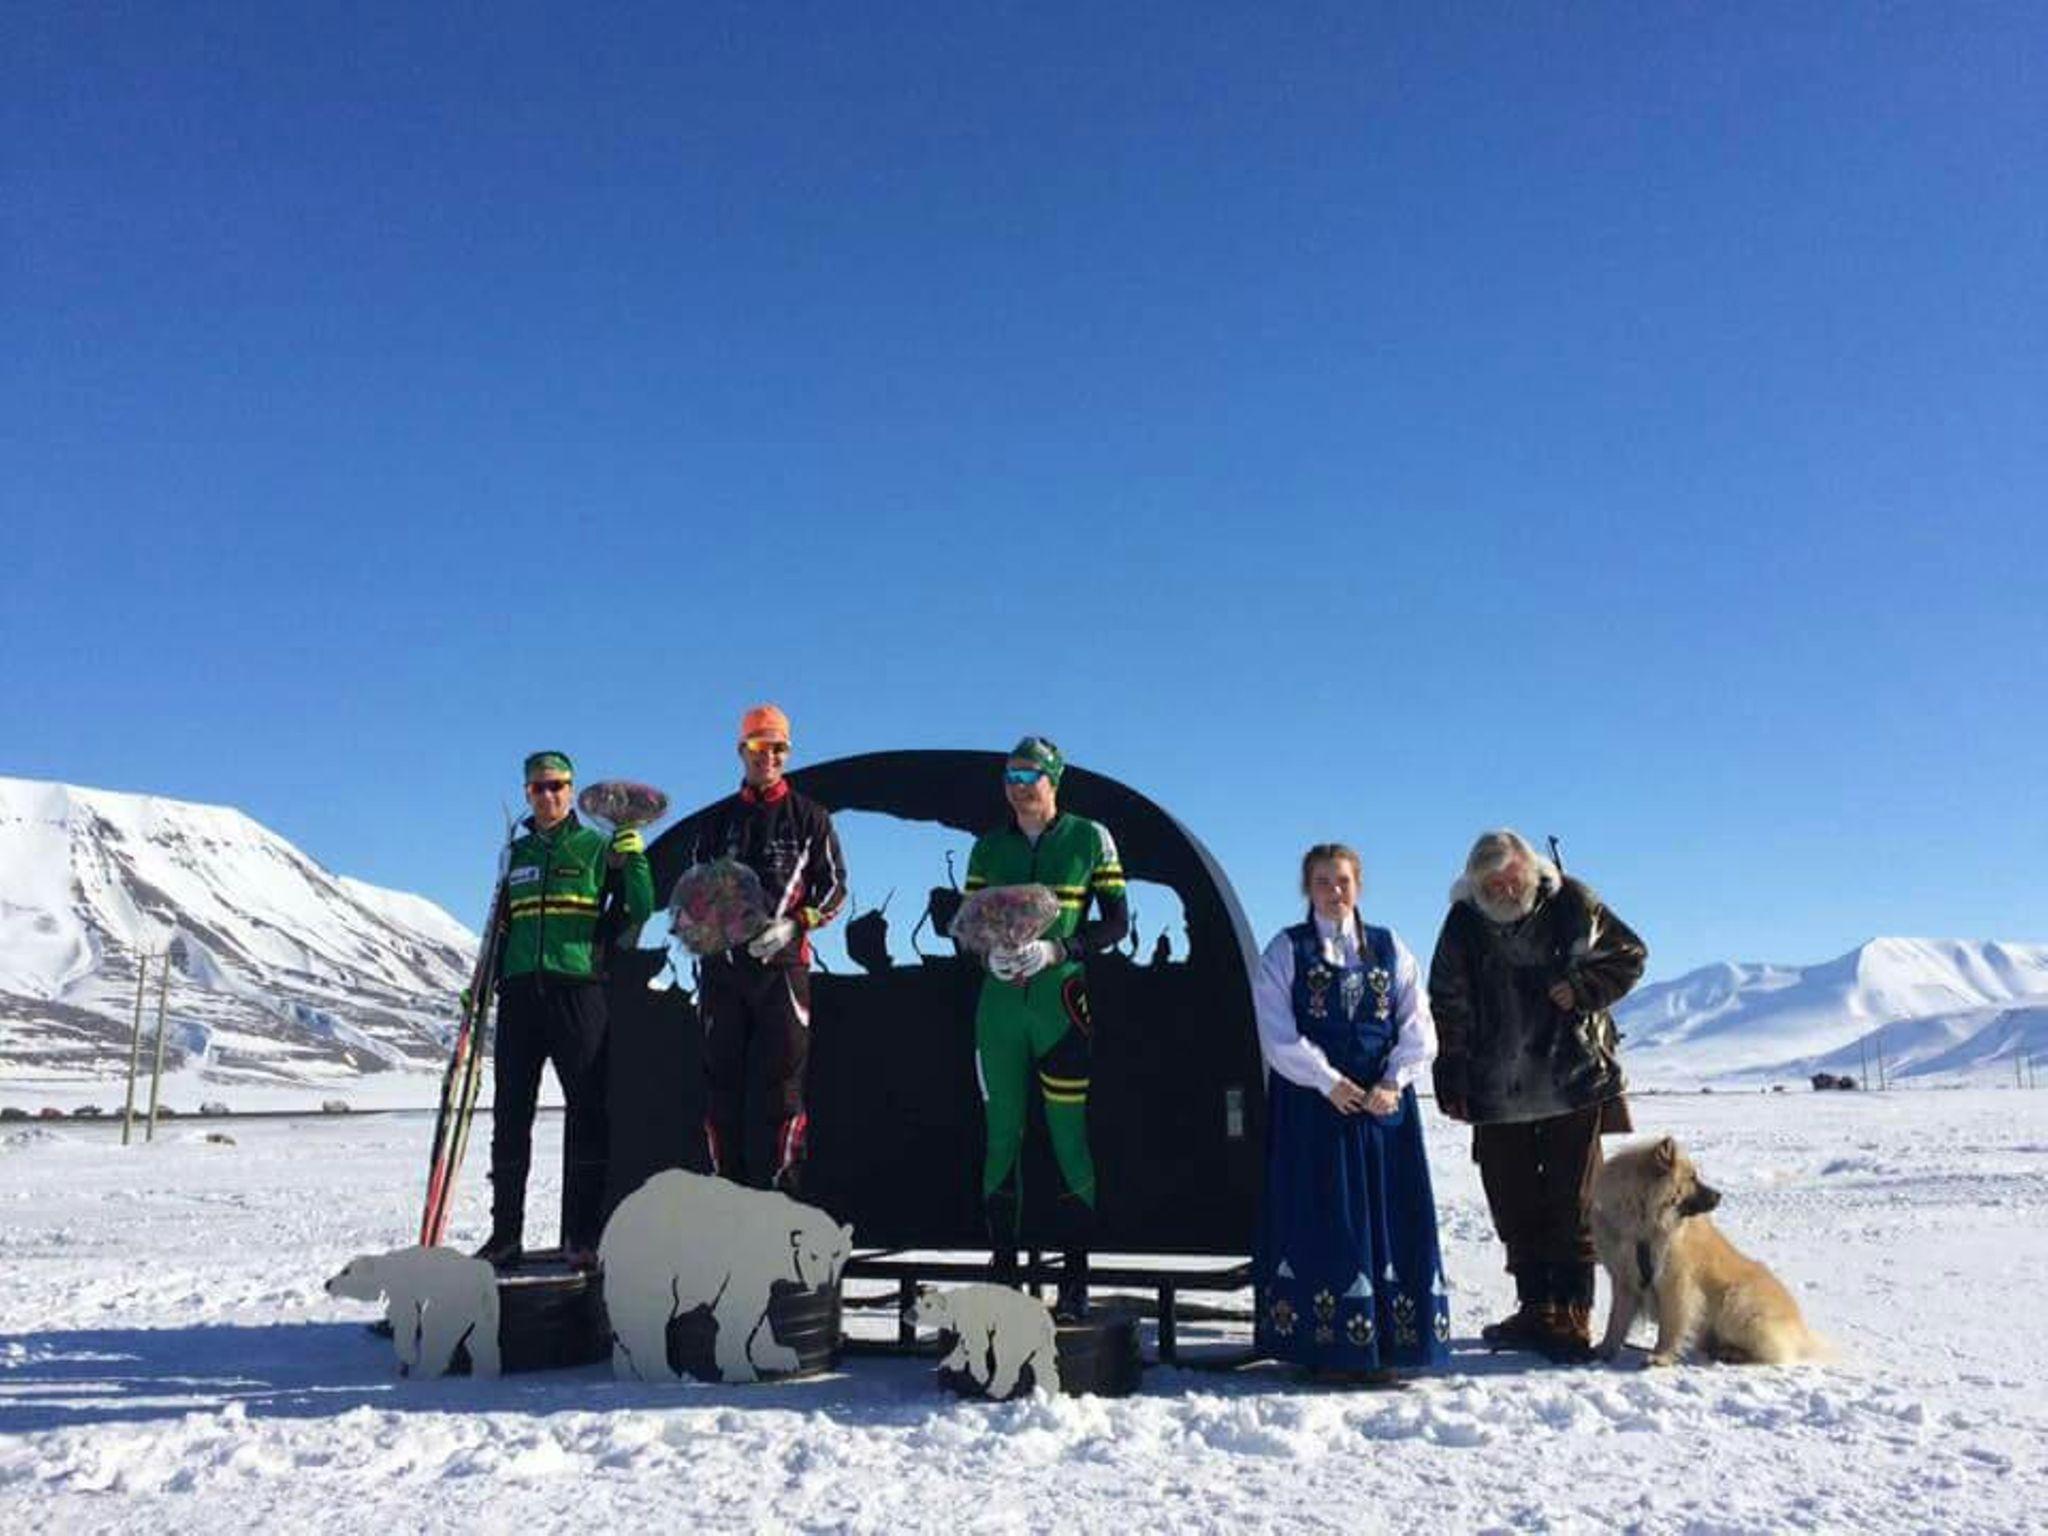 2. plass til Tryg-Arne og 3. plass til Sebastian i sesongavslutningen Svalbard Skimaraton